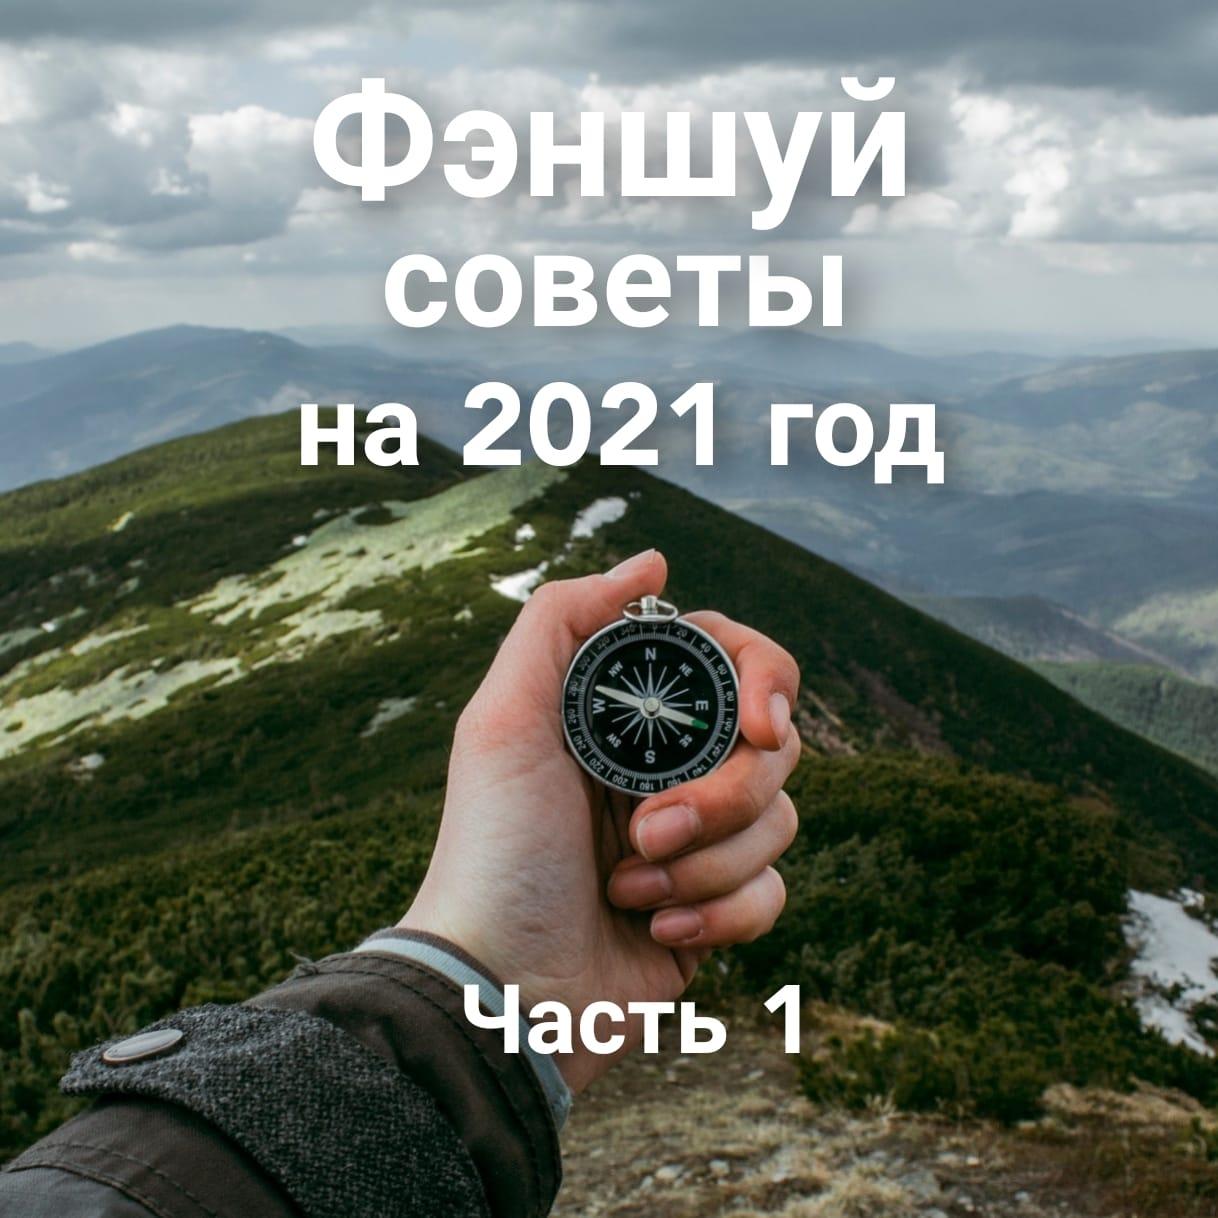 Фэншуй-советы 2021 Институт Фэншуй Fengshuimaster.ru